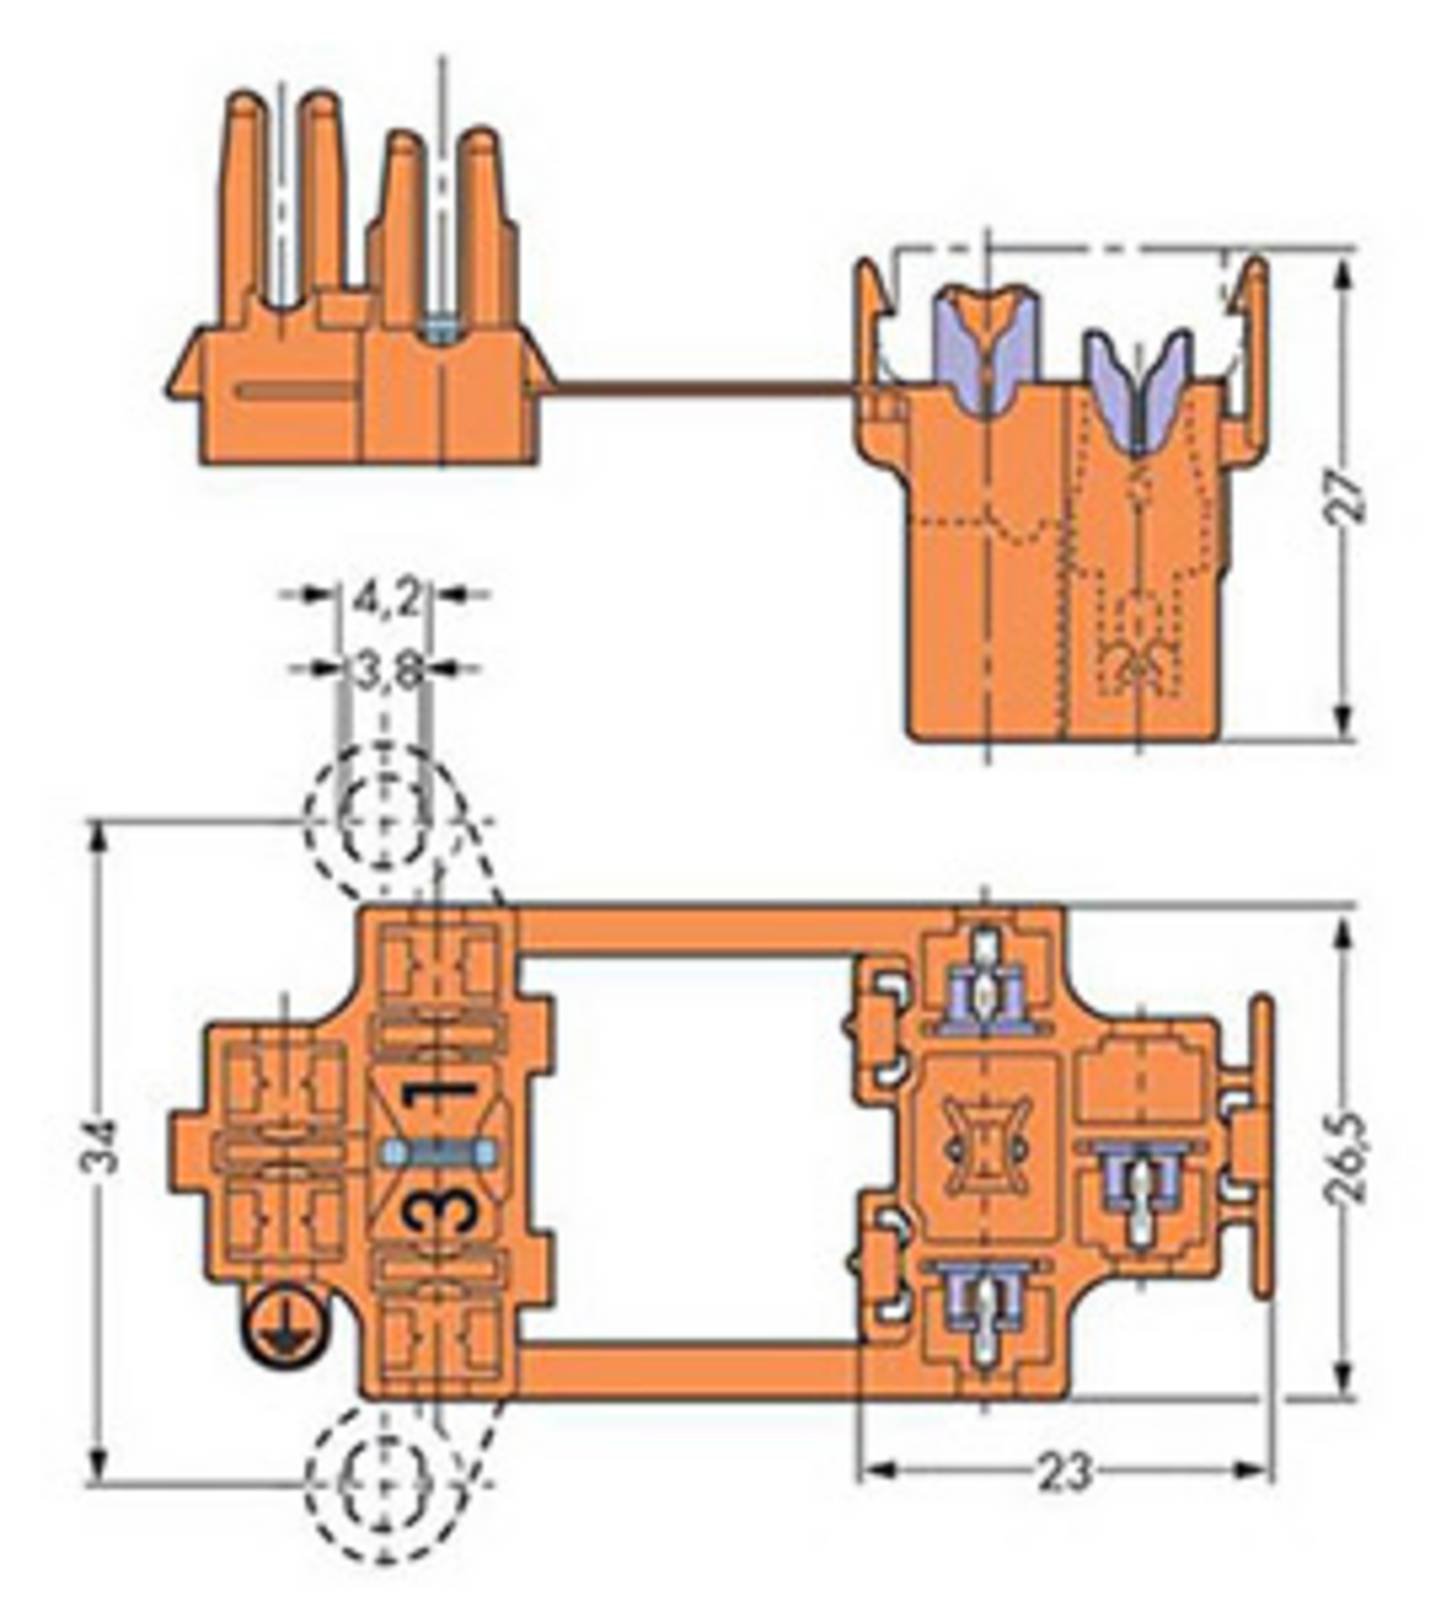 Aufbauzeichnung einer Verbindungsklemme